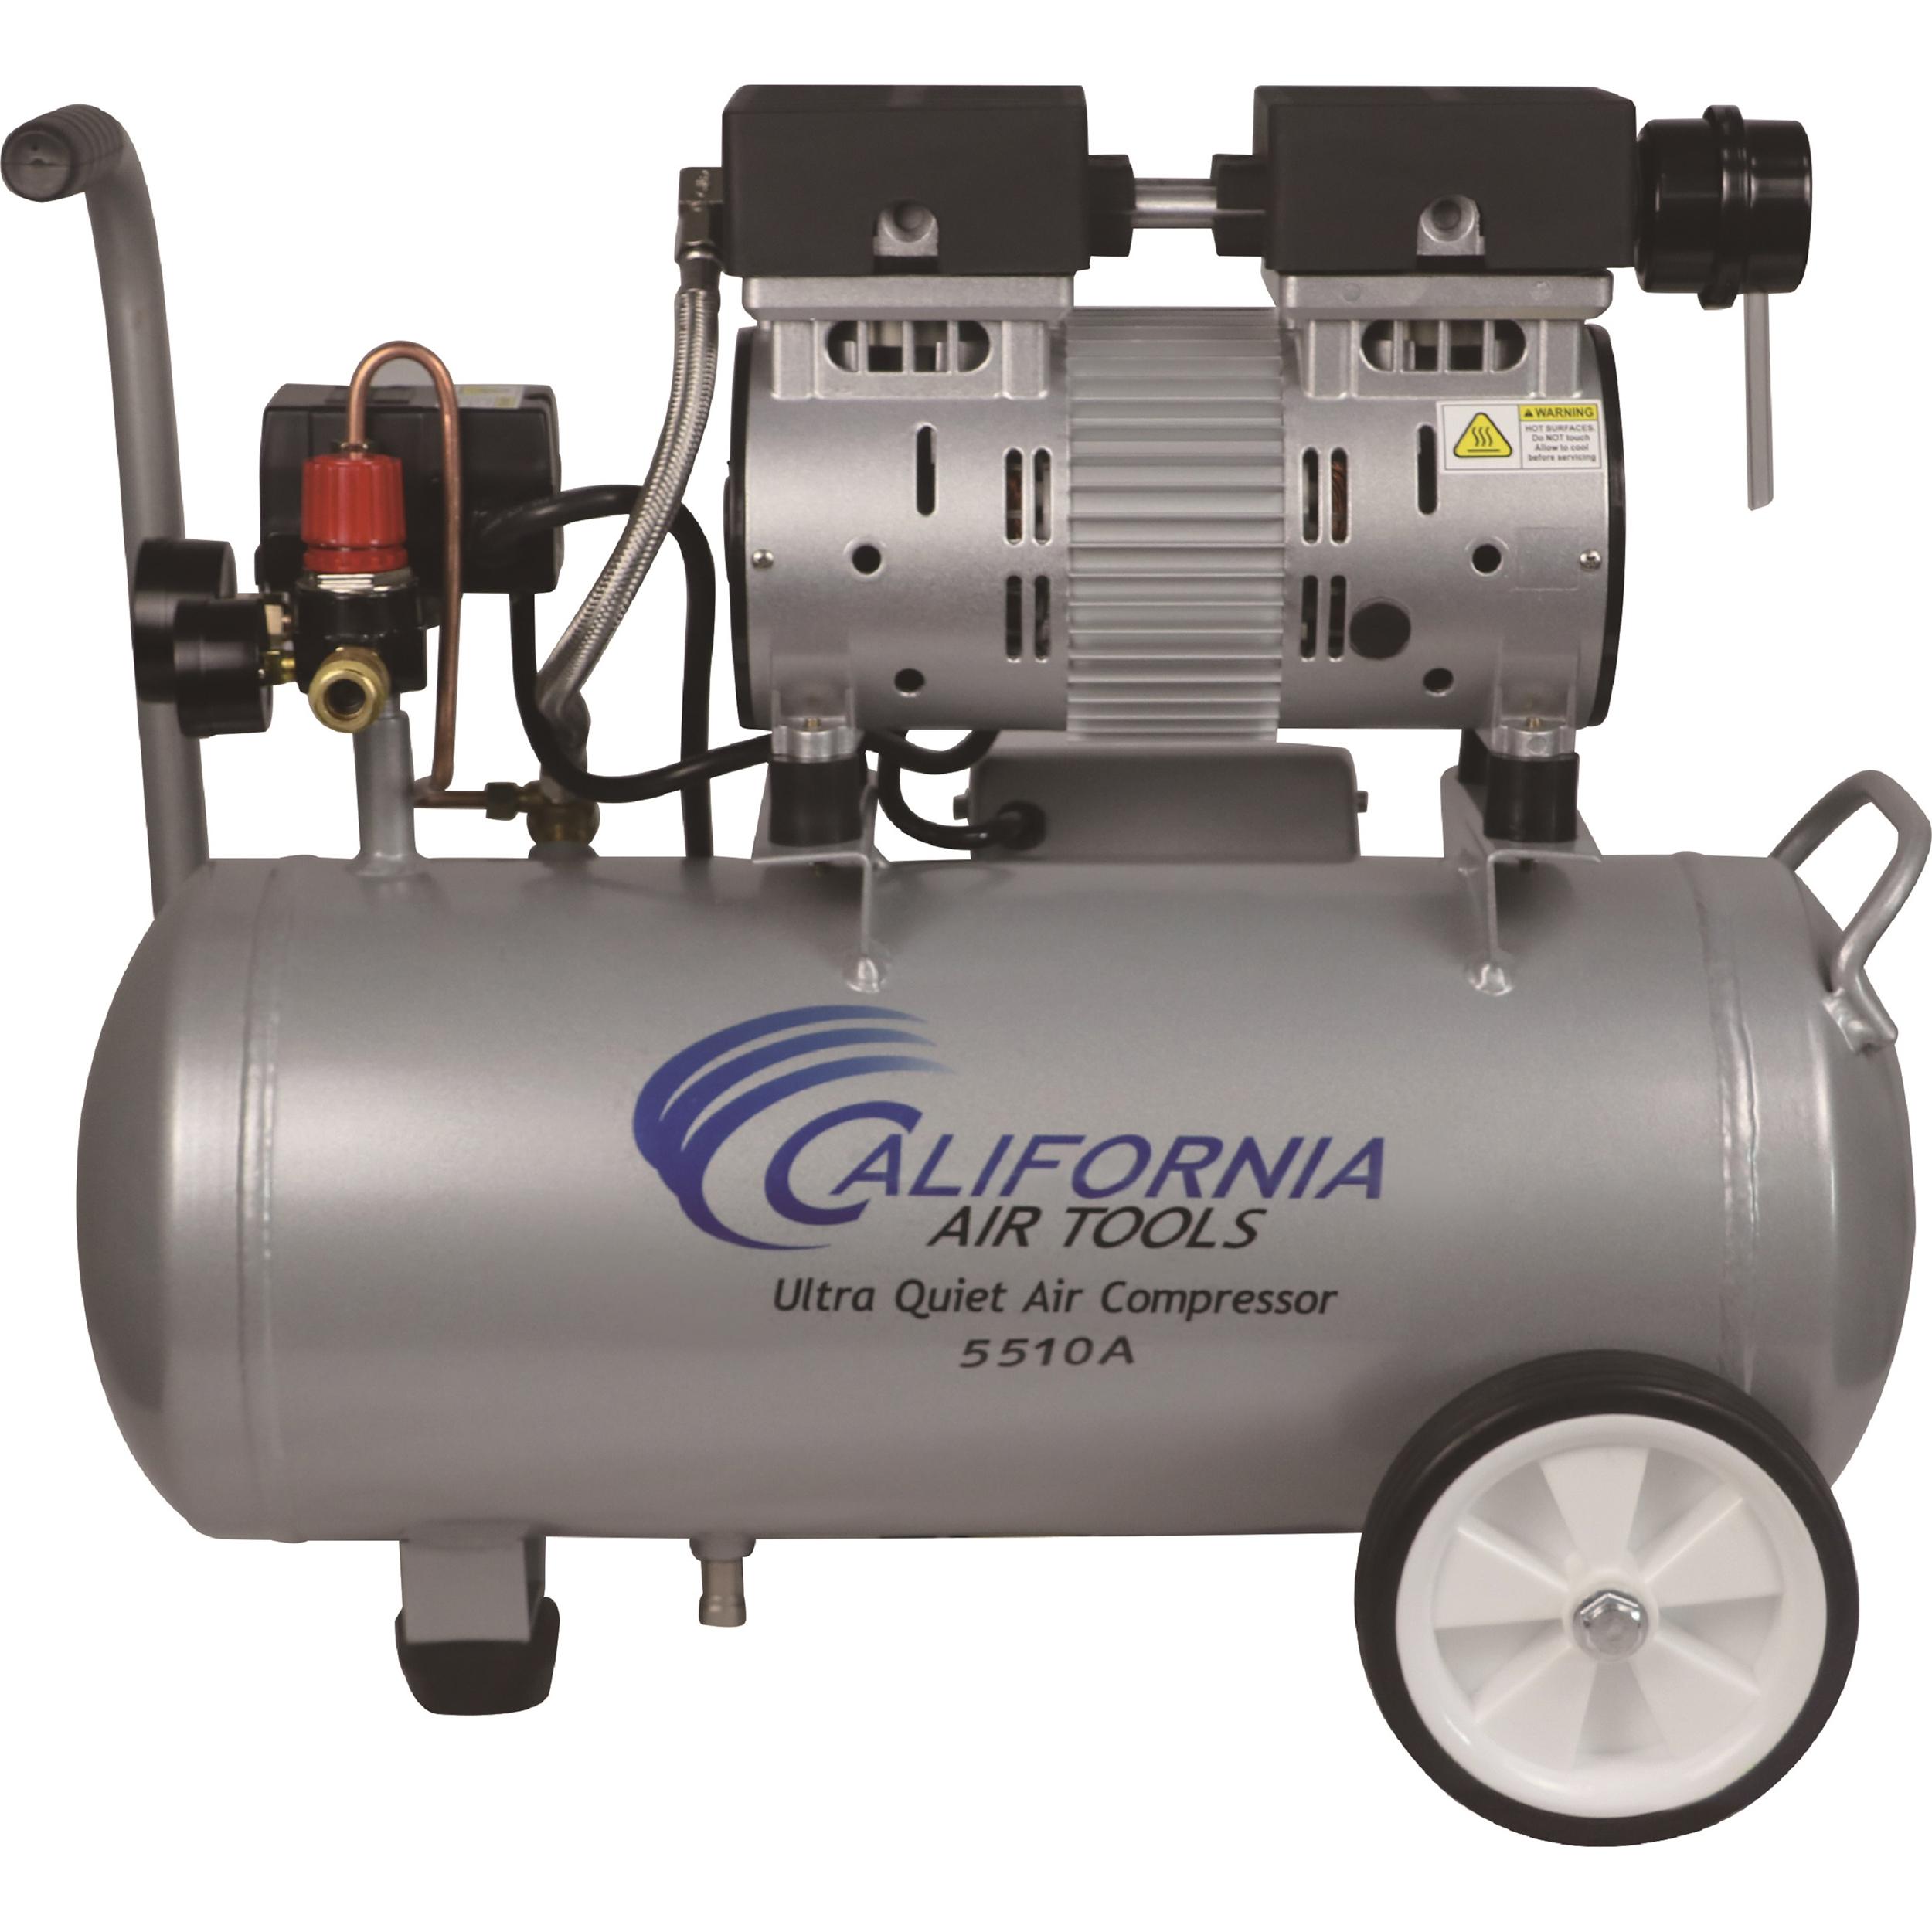 5510A Ultra Quiet 1 HP, 5.5 Gal. Aluminum Air Compressor